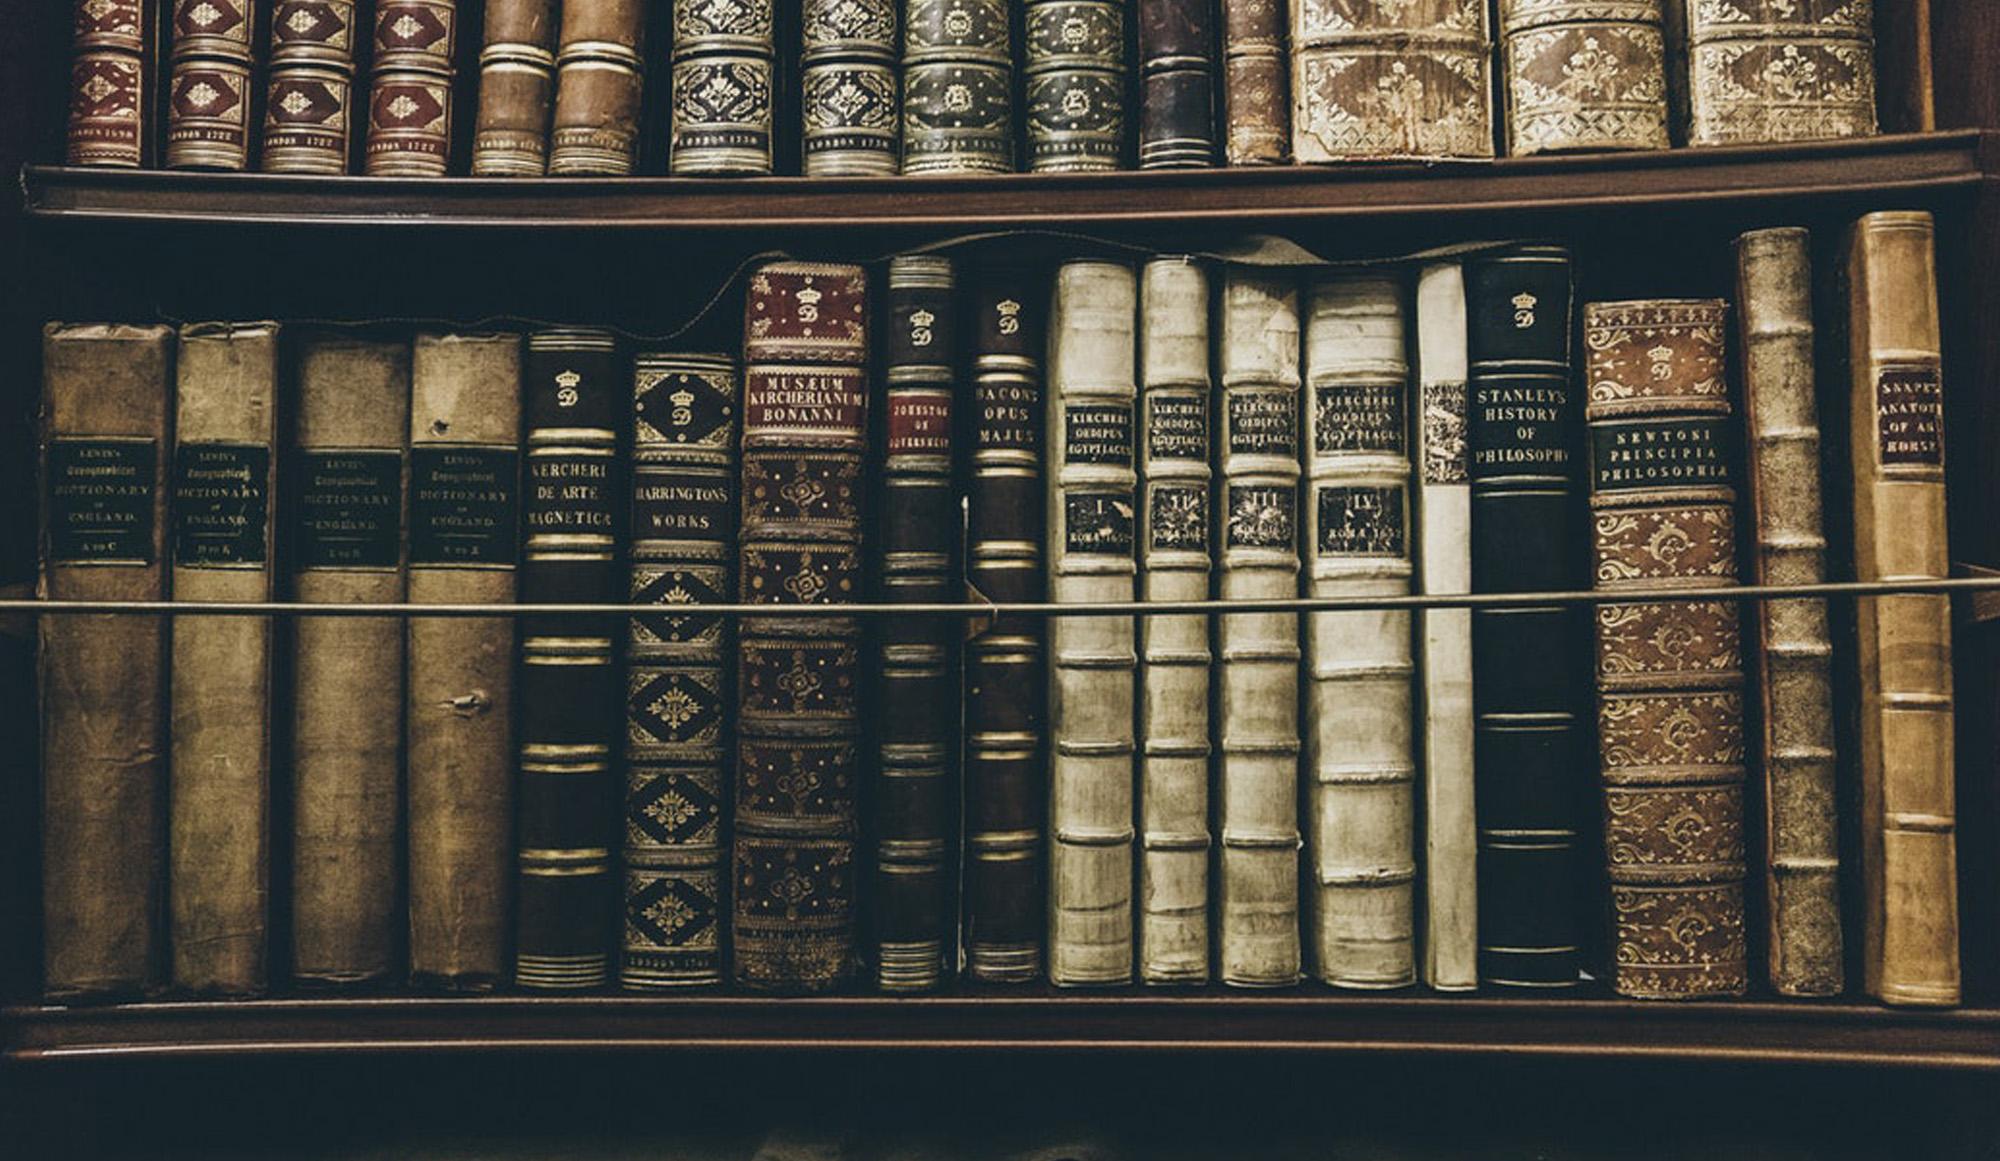 Les Livres Les Plus Chers Vendus Sur Abebooks En 2010 Abebooks Fr